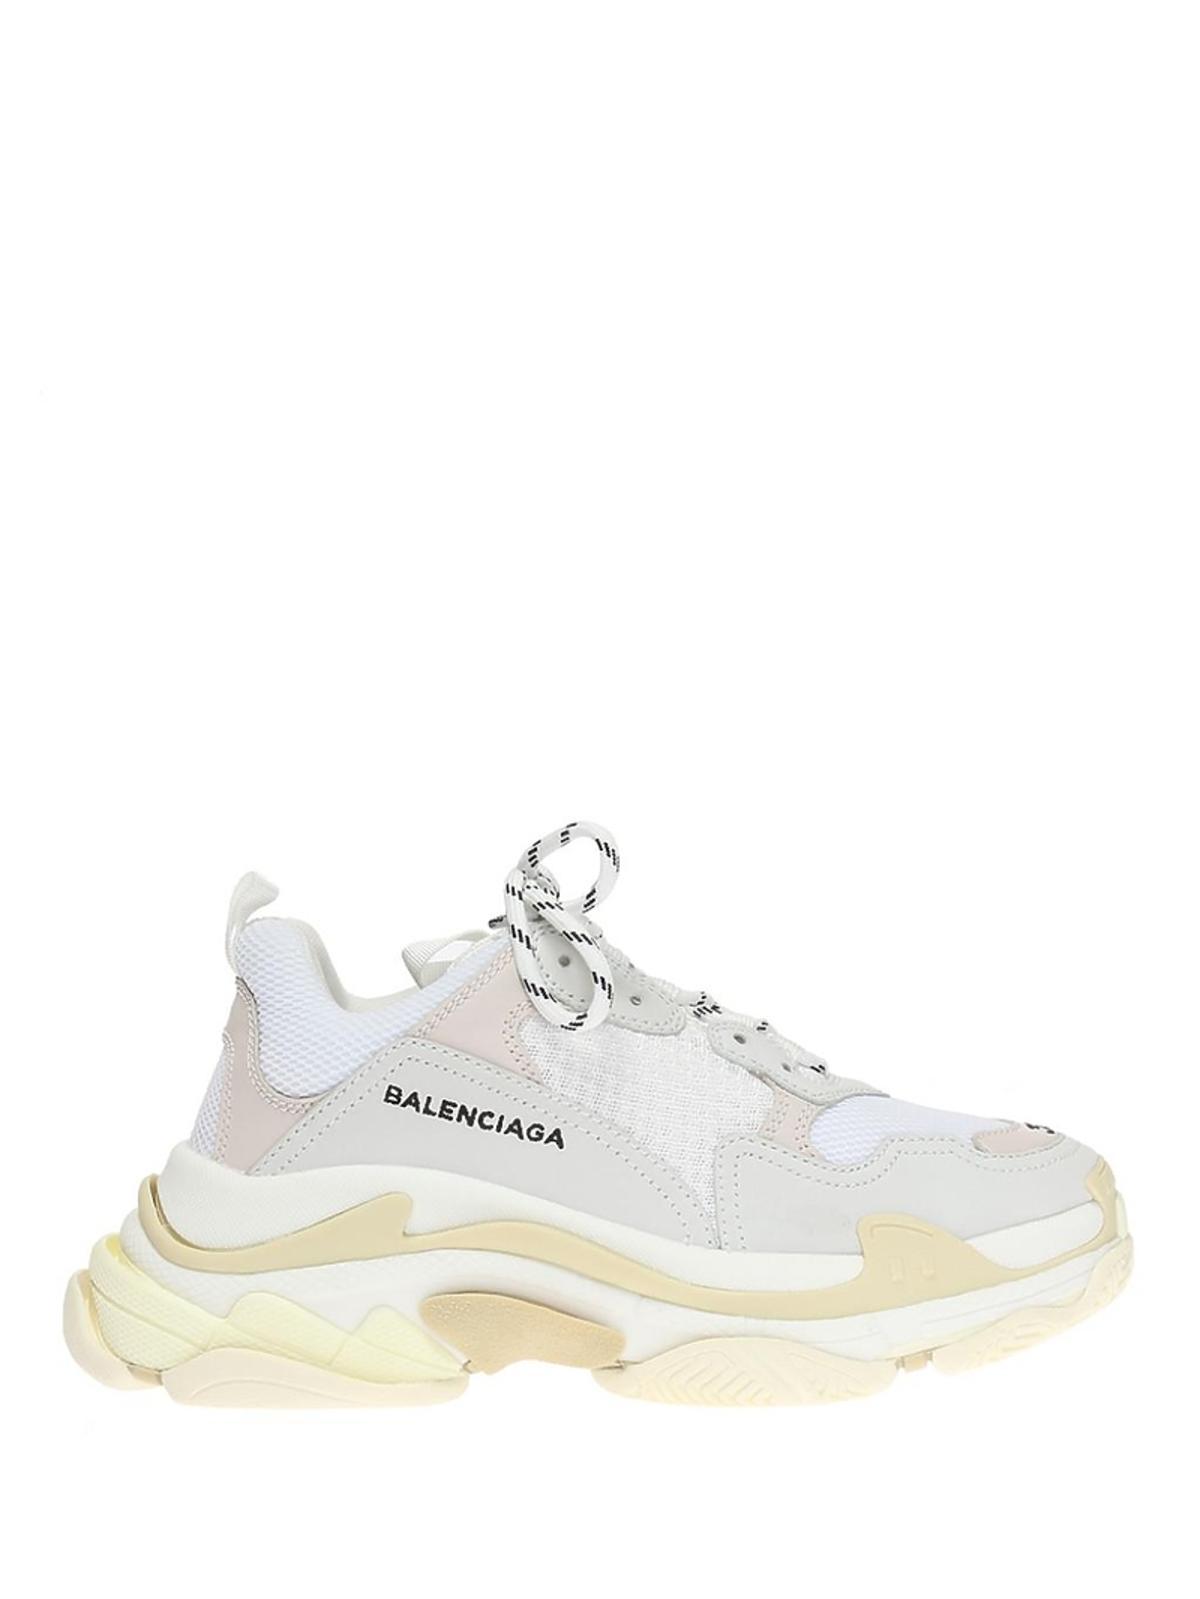 Balenciaga buty sportowe triple S cena  2 559,00  zł